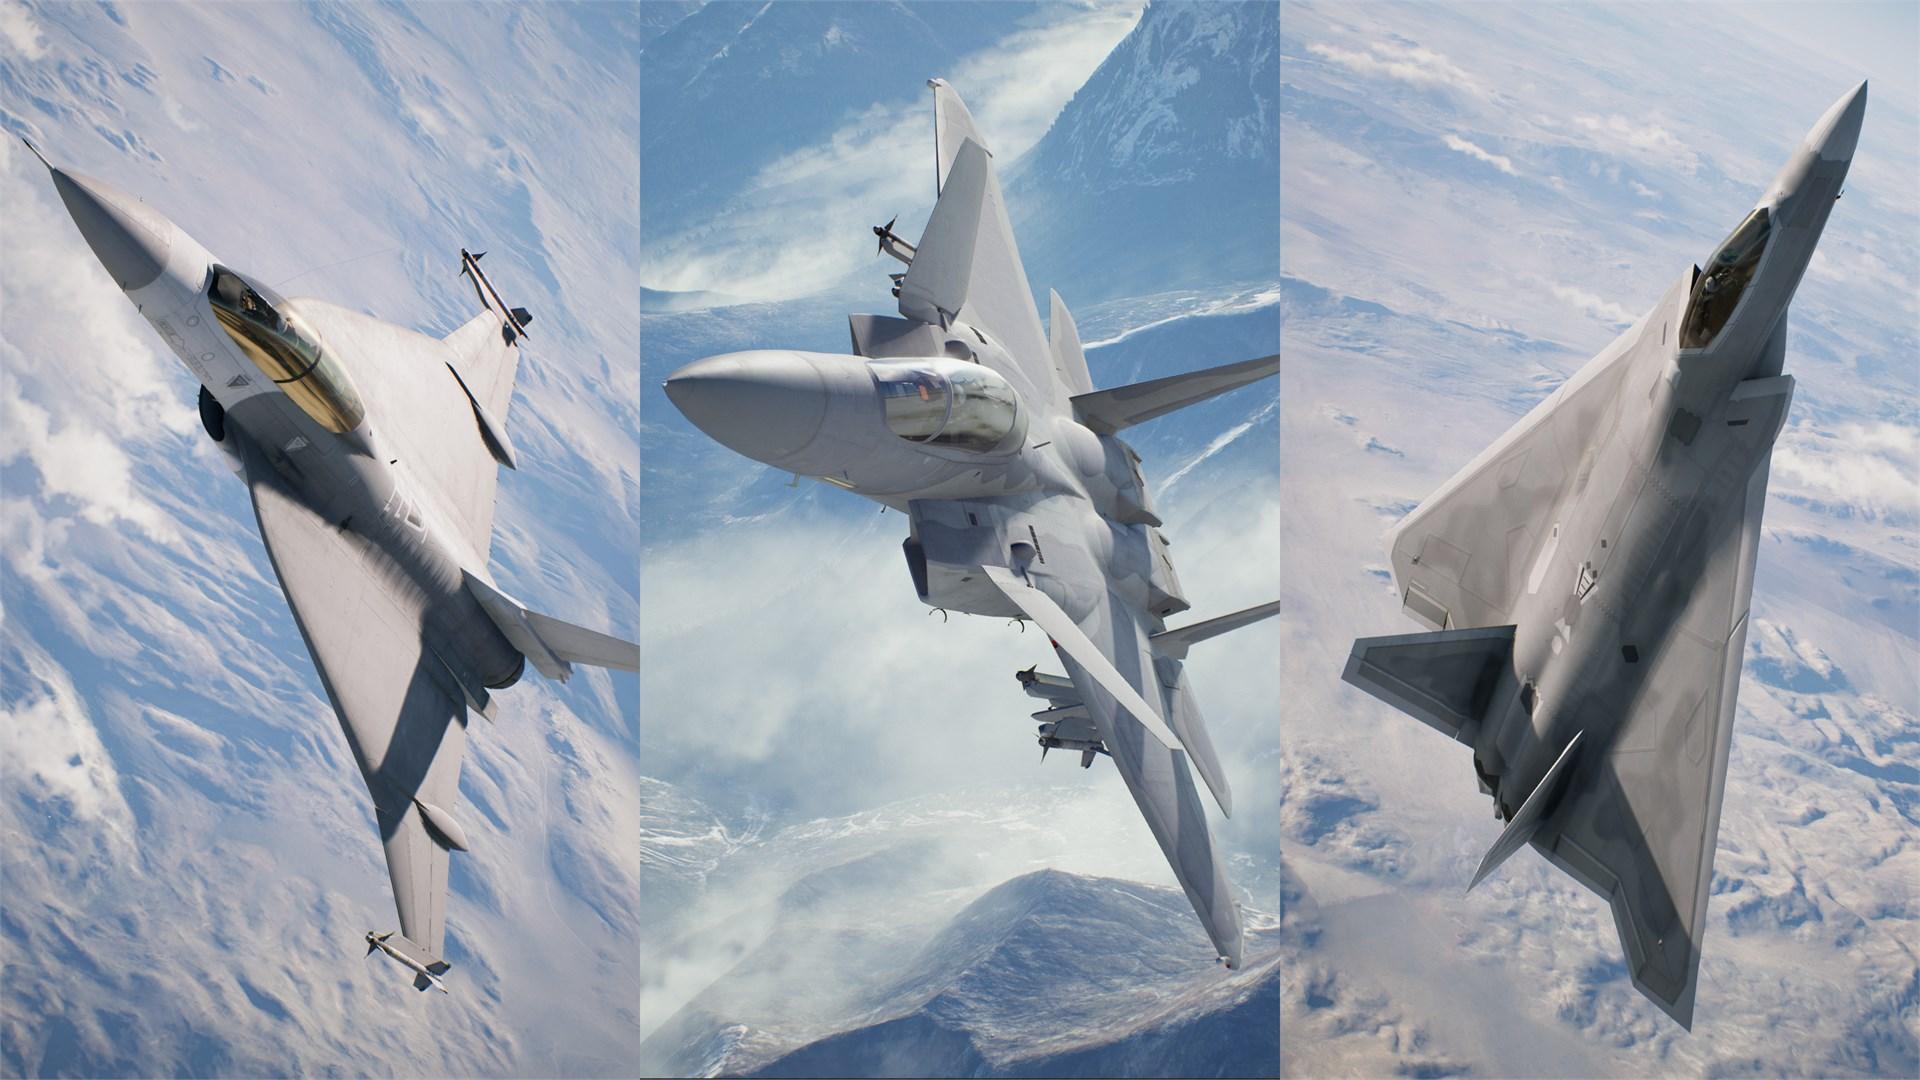 DLC de 25 aniversario de ACE COMBAT™ 7: SKIES UNKNOWN - Conjunto de serie de aviones experimentales